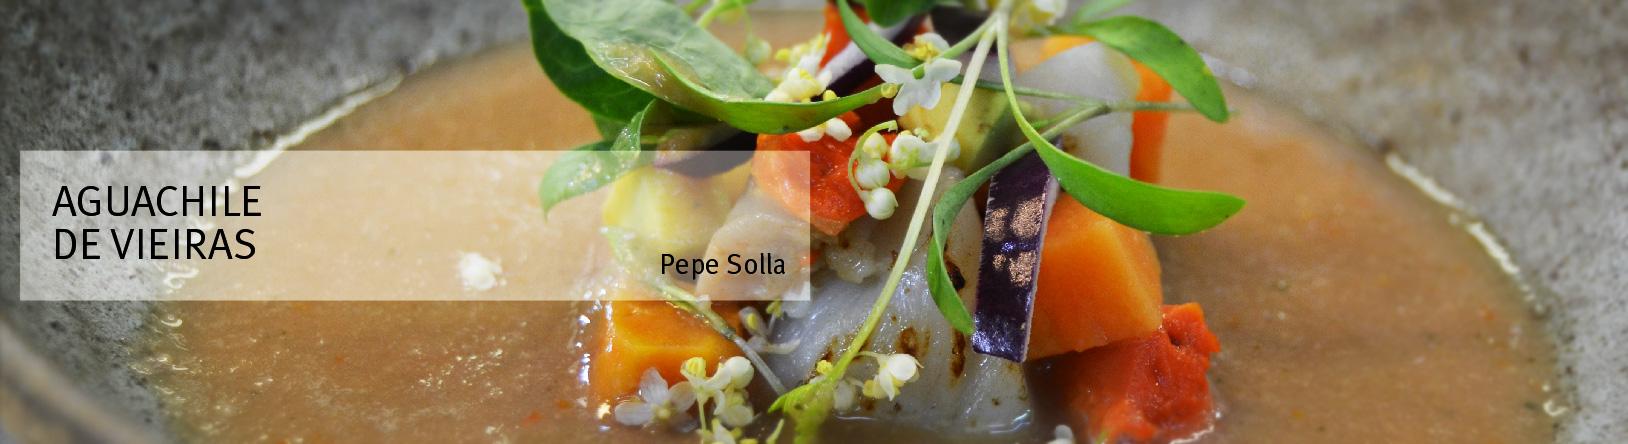 cociña_menu_aguachile_w